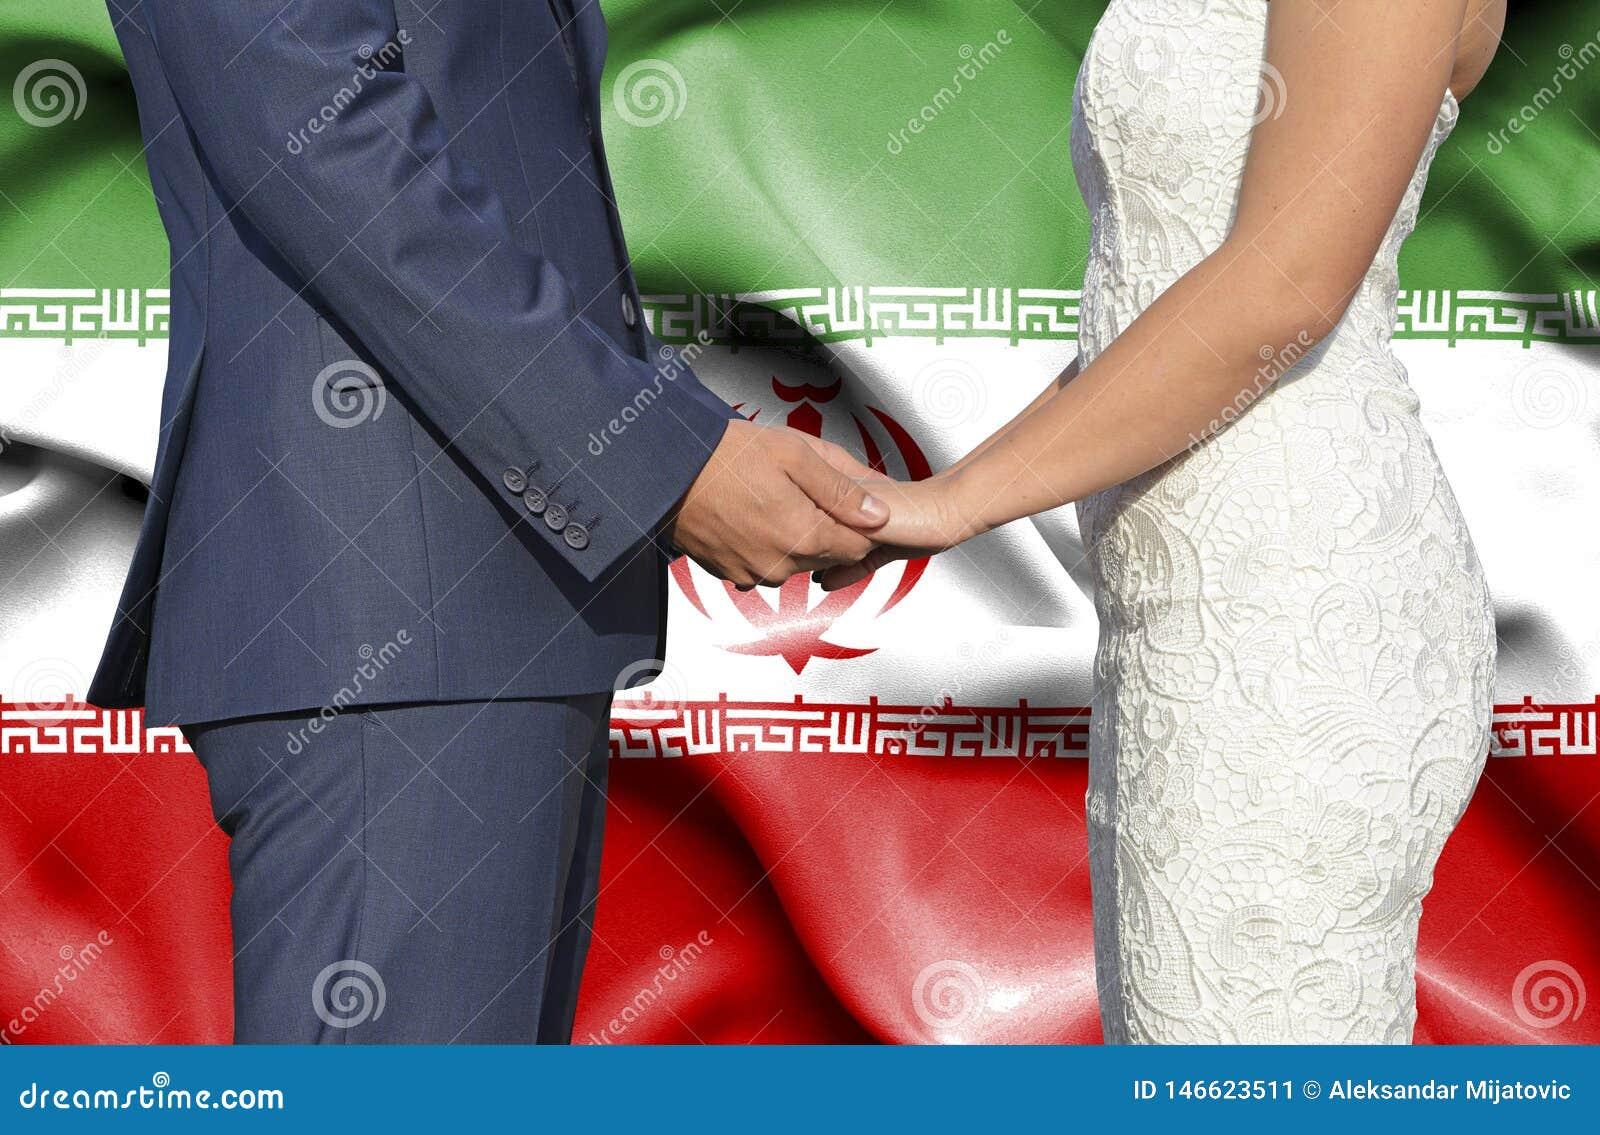 Marido y esposa que llevan a cabo las manos - fotografía conceptual del matrimonio en Irán